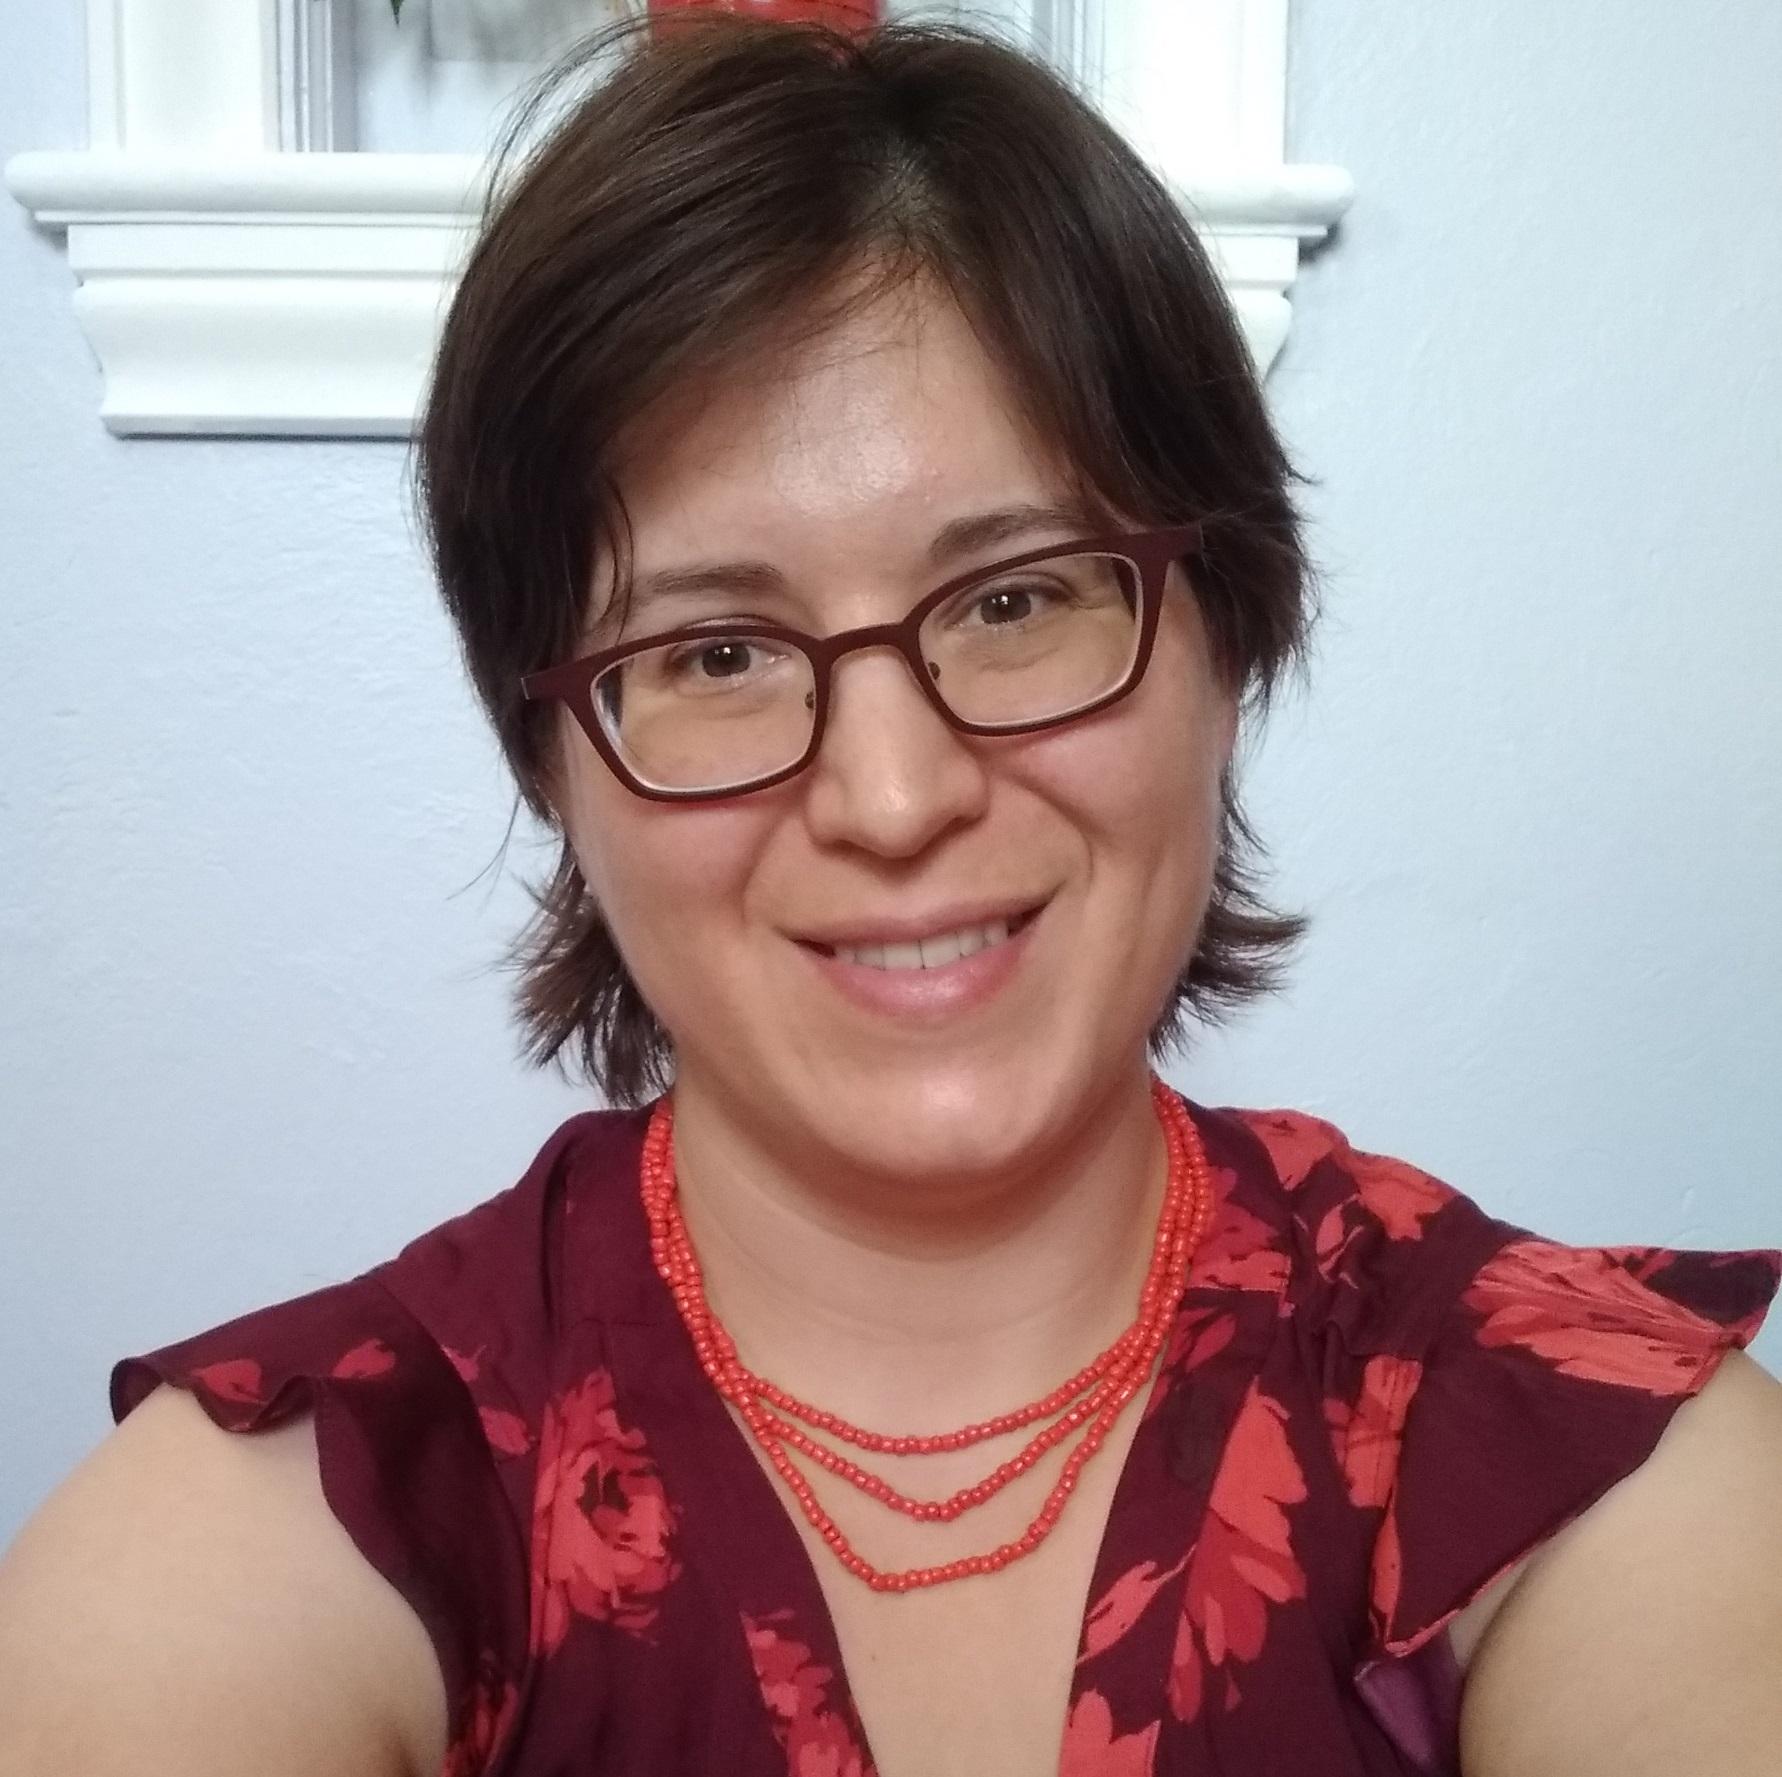 Lisa Pfau